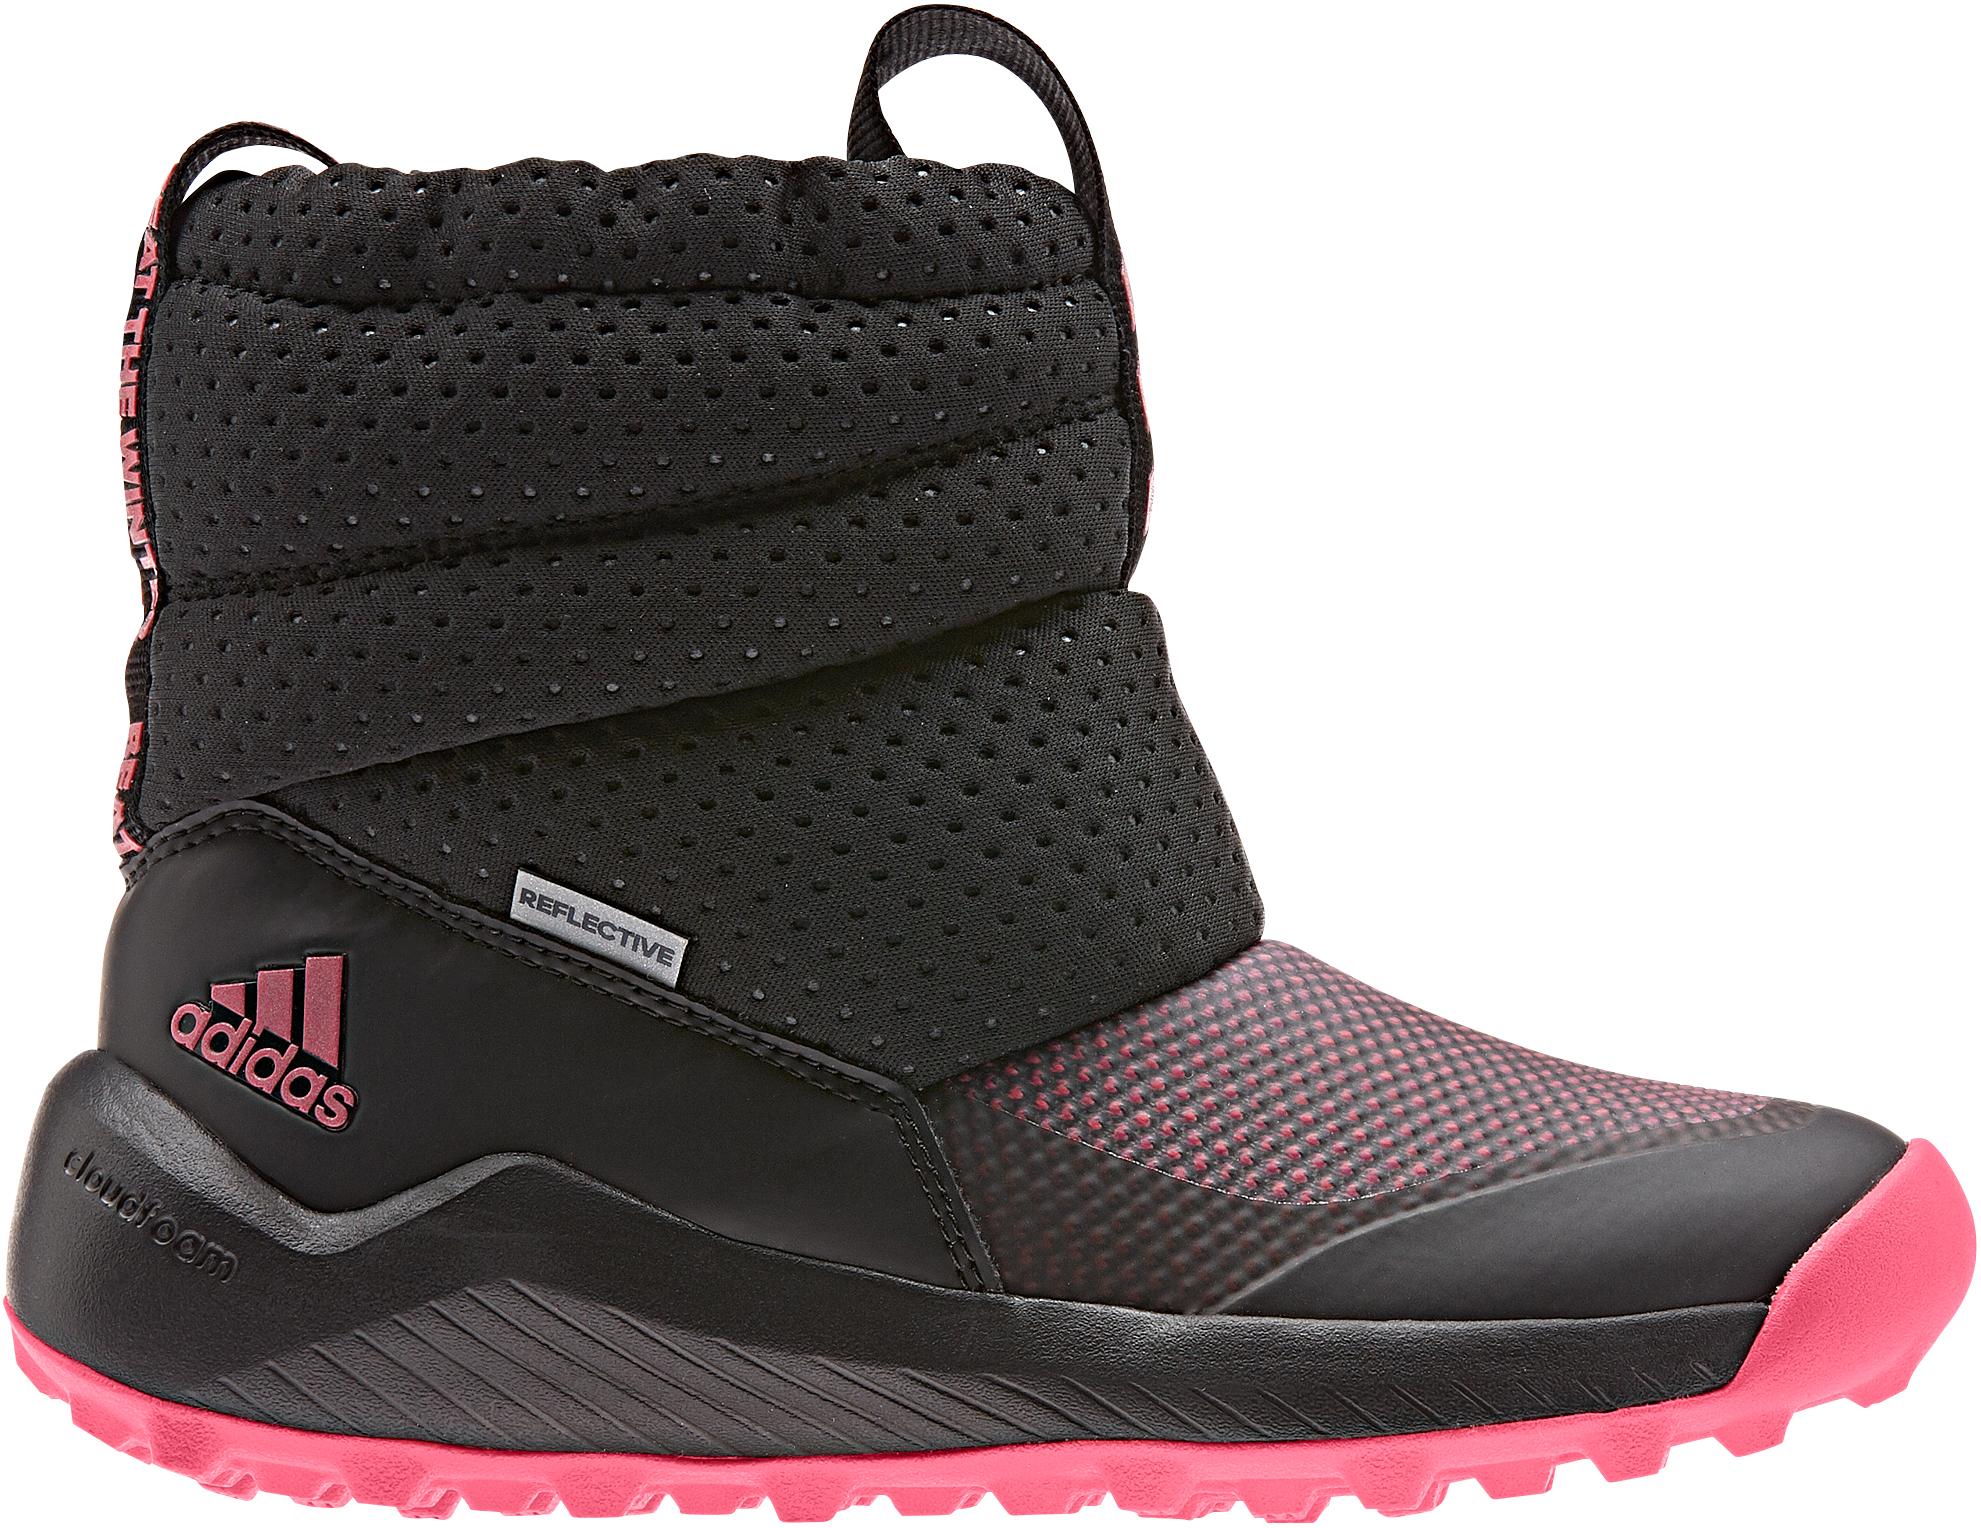 Adidas Сапоги детские утепленные Adidas Rapidasnow, размер 34